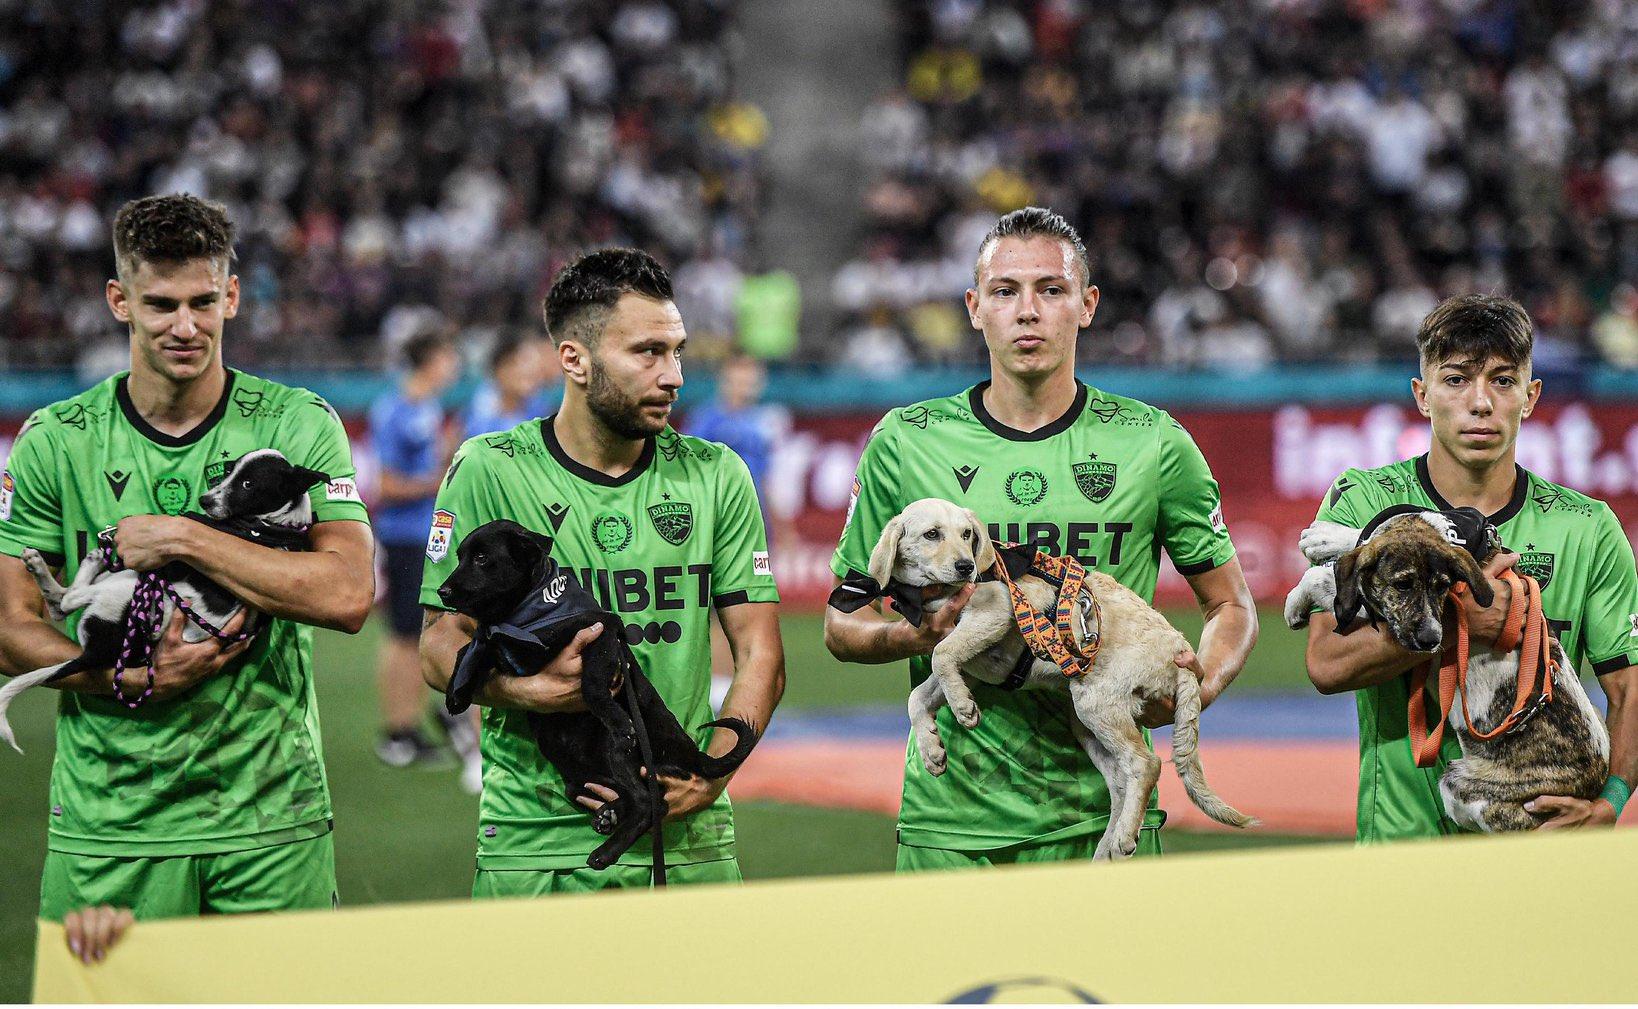 Futbolistas de Rumania promueven adopción de perritos en partidos -  Mediotiempo